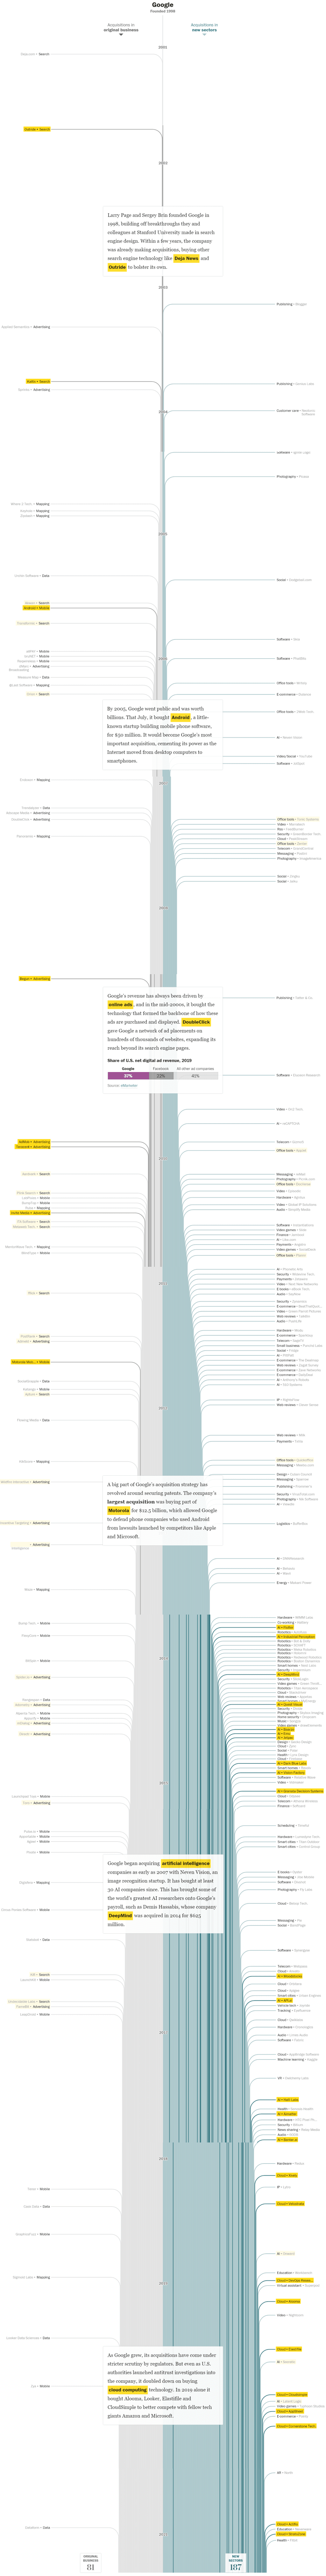 구글 인수합병 역사, 연도별 인포그래픽 by Washington Post